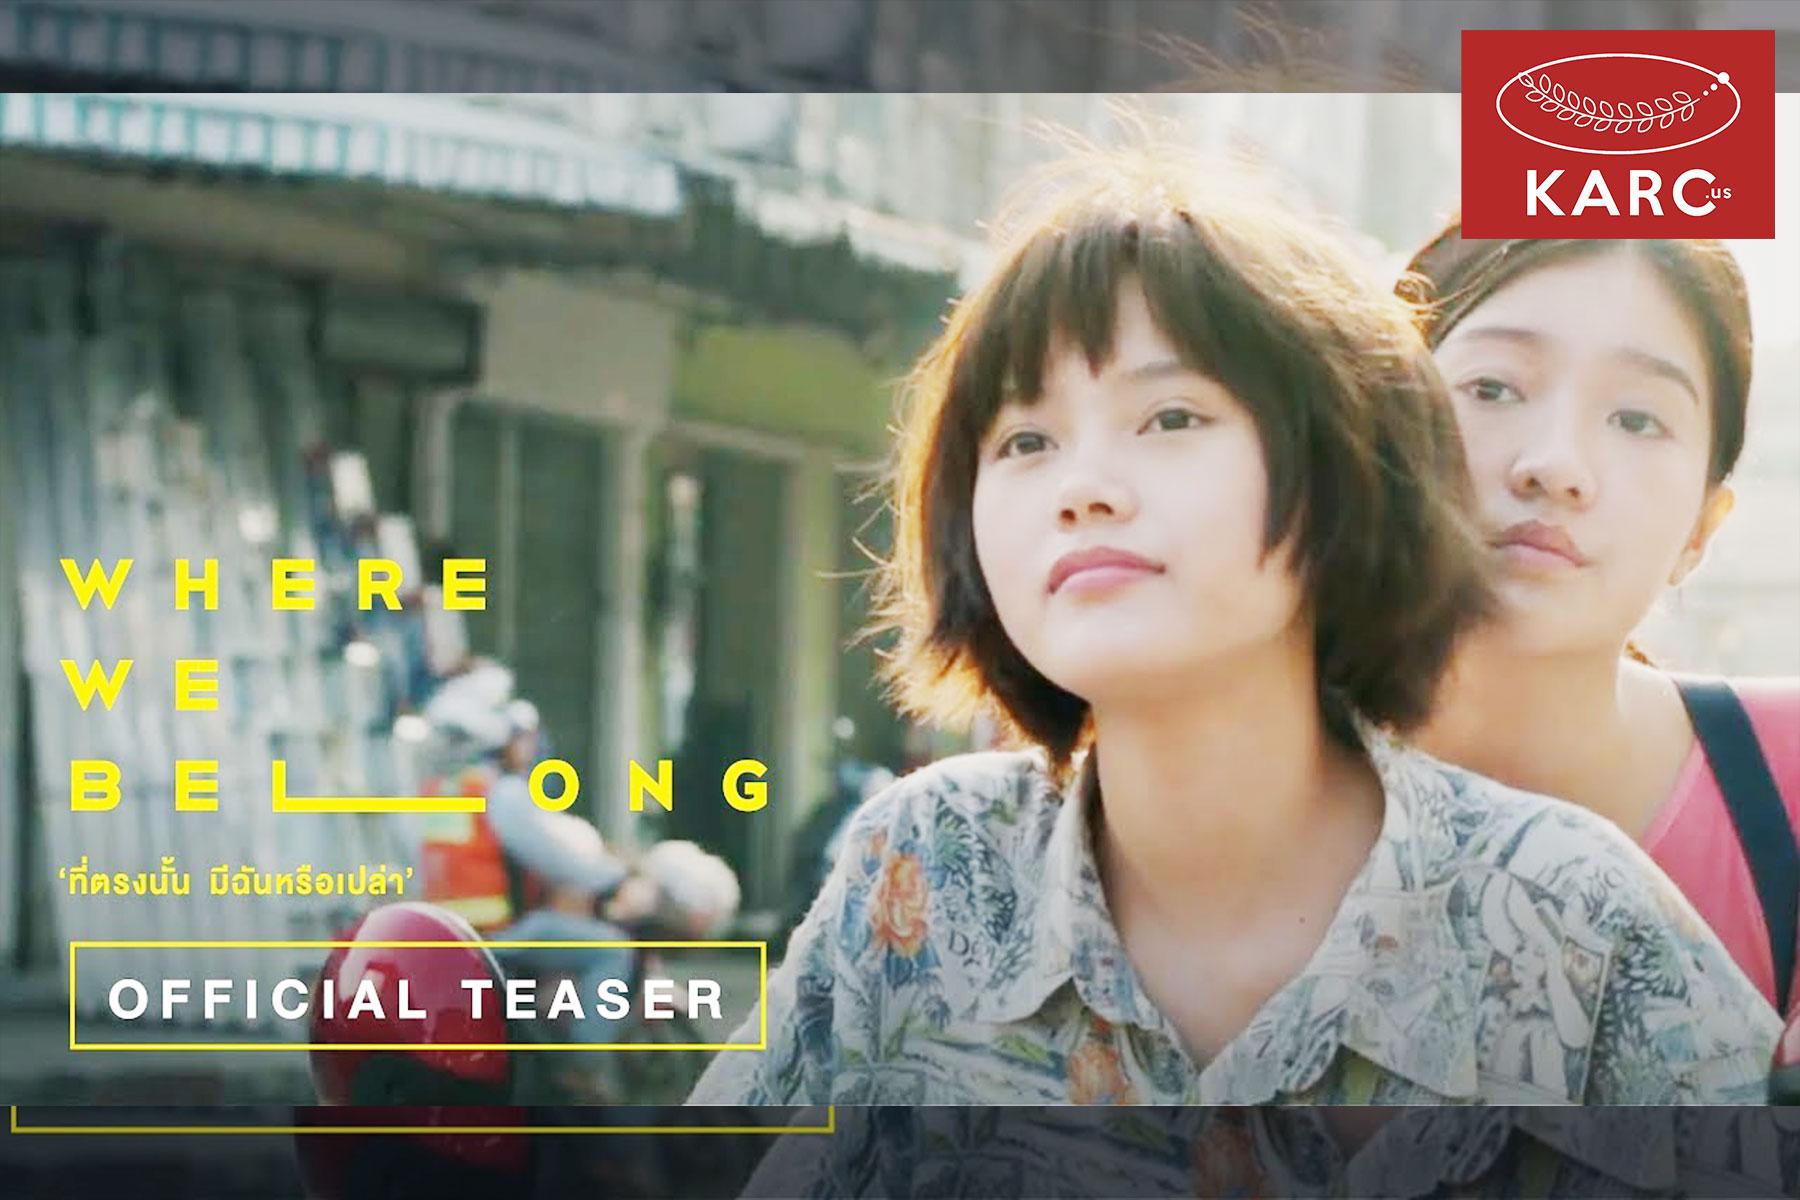 รีวิว-'Where-We-Belong'-ภาพยนตร์แห่งการตระหนักชีวิตวัยรุ่น